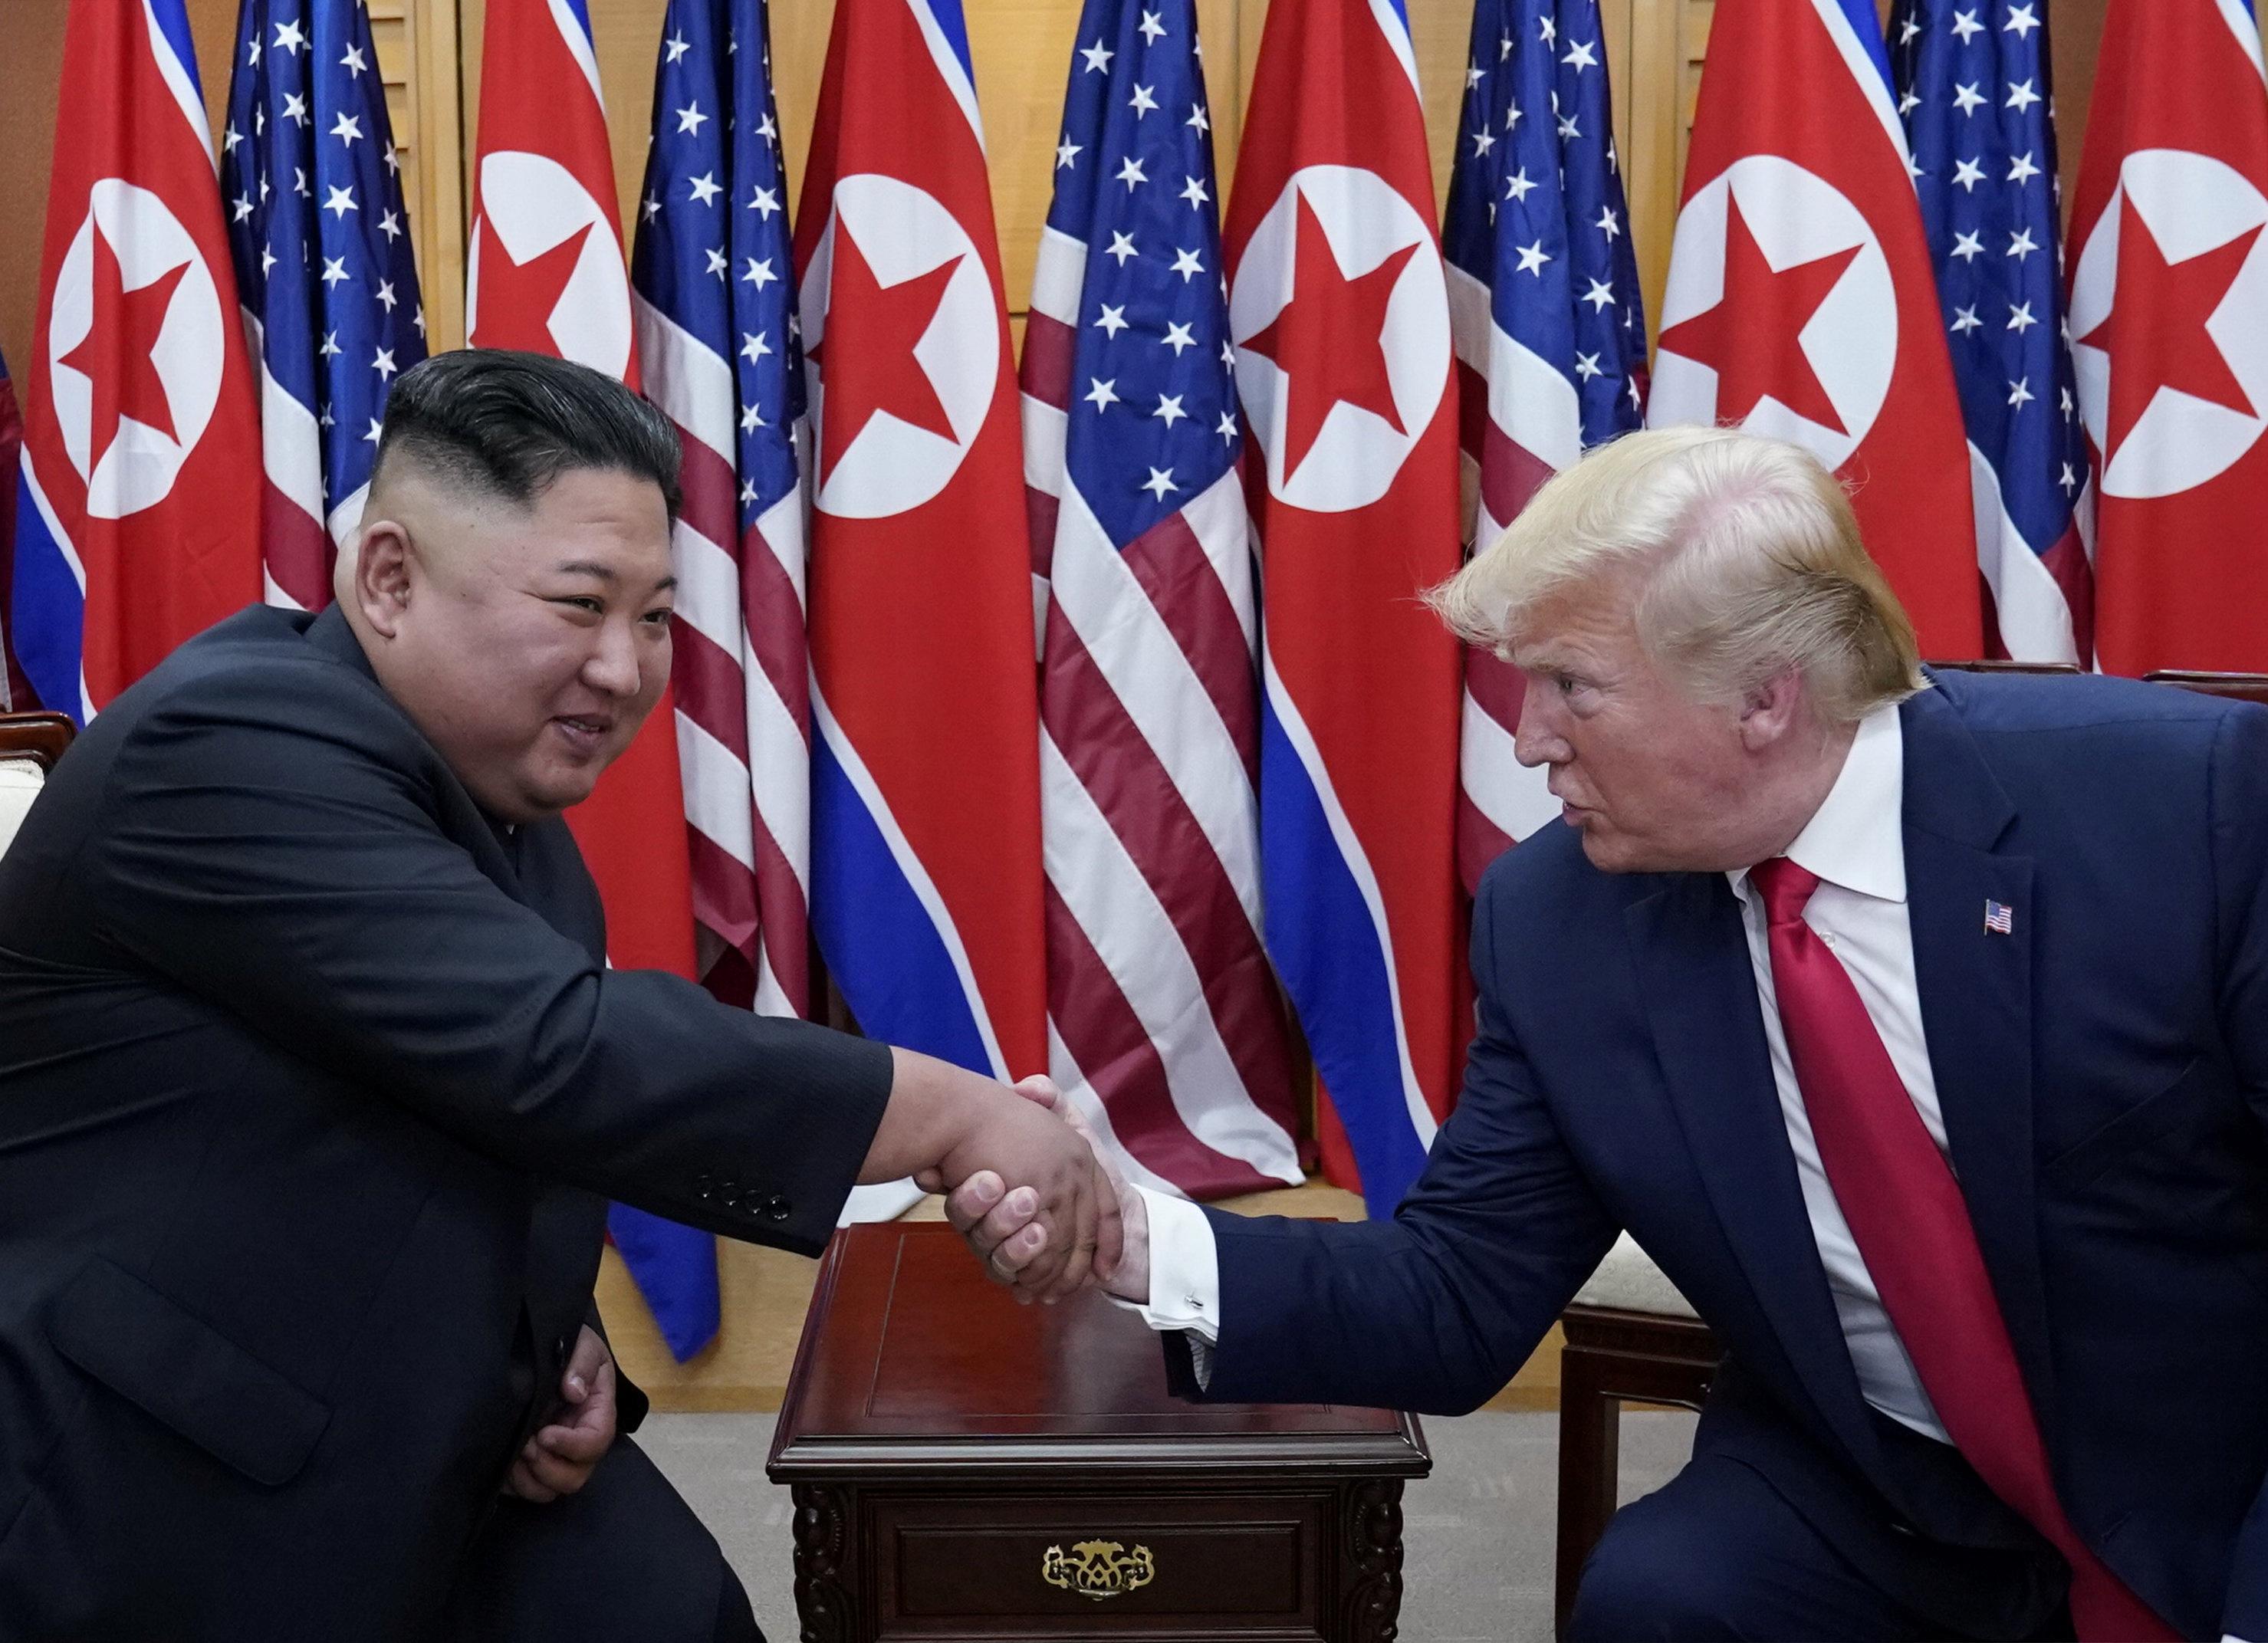 لقاء ترامب وكيم يظهر تقاربا رغم الجمود الذي يخيّم على المحادثات المتعلقة بالأنشطة النووية لبيونغ يانغ